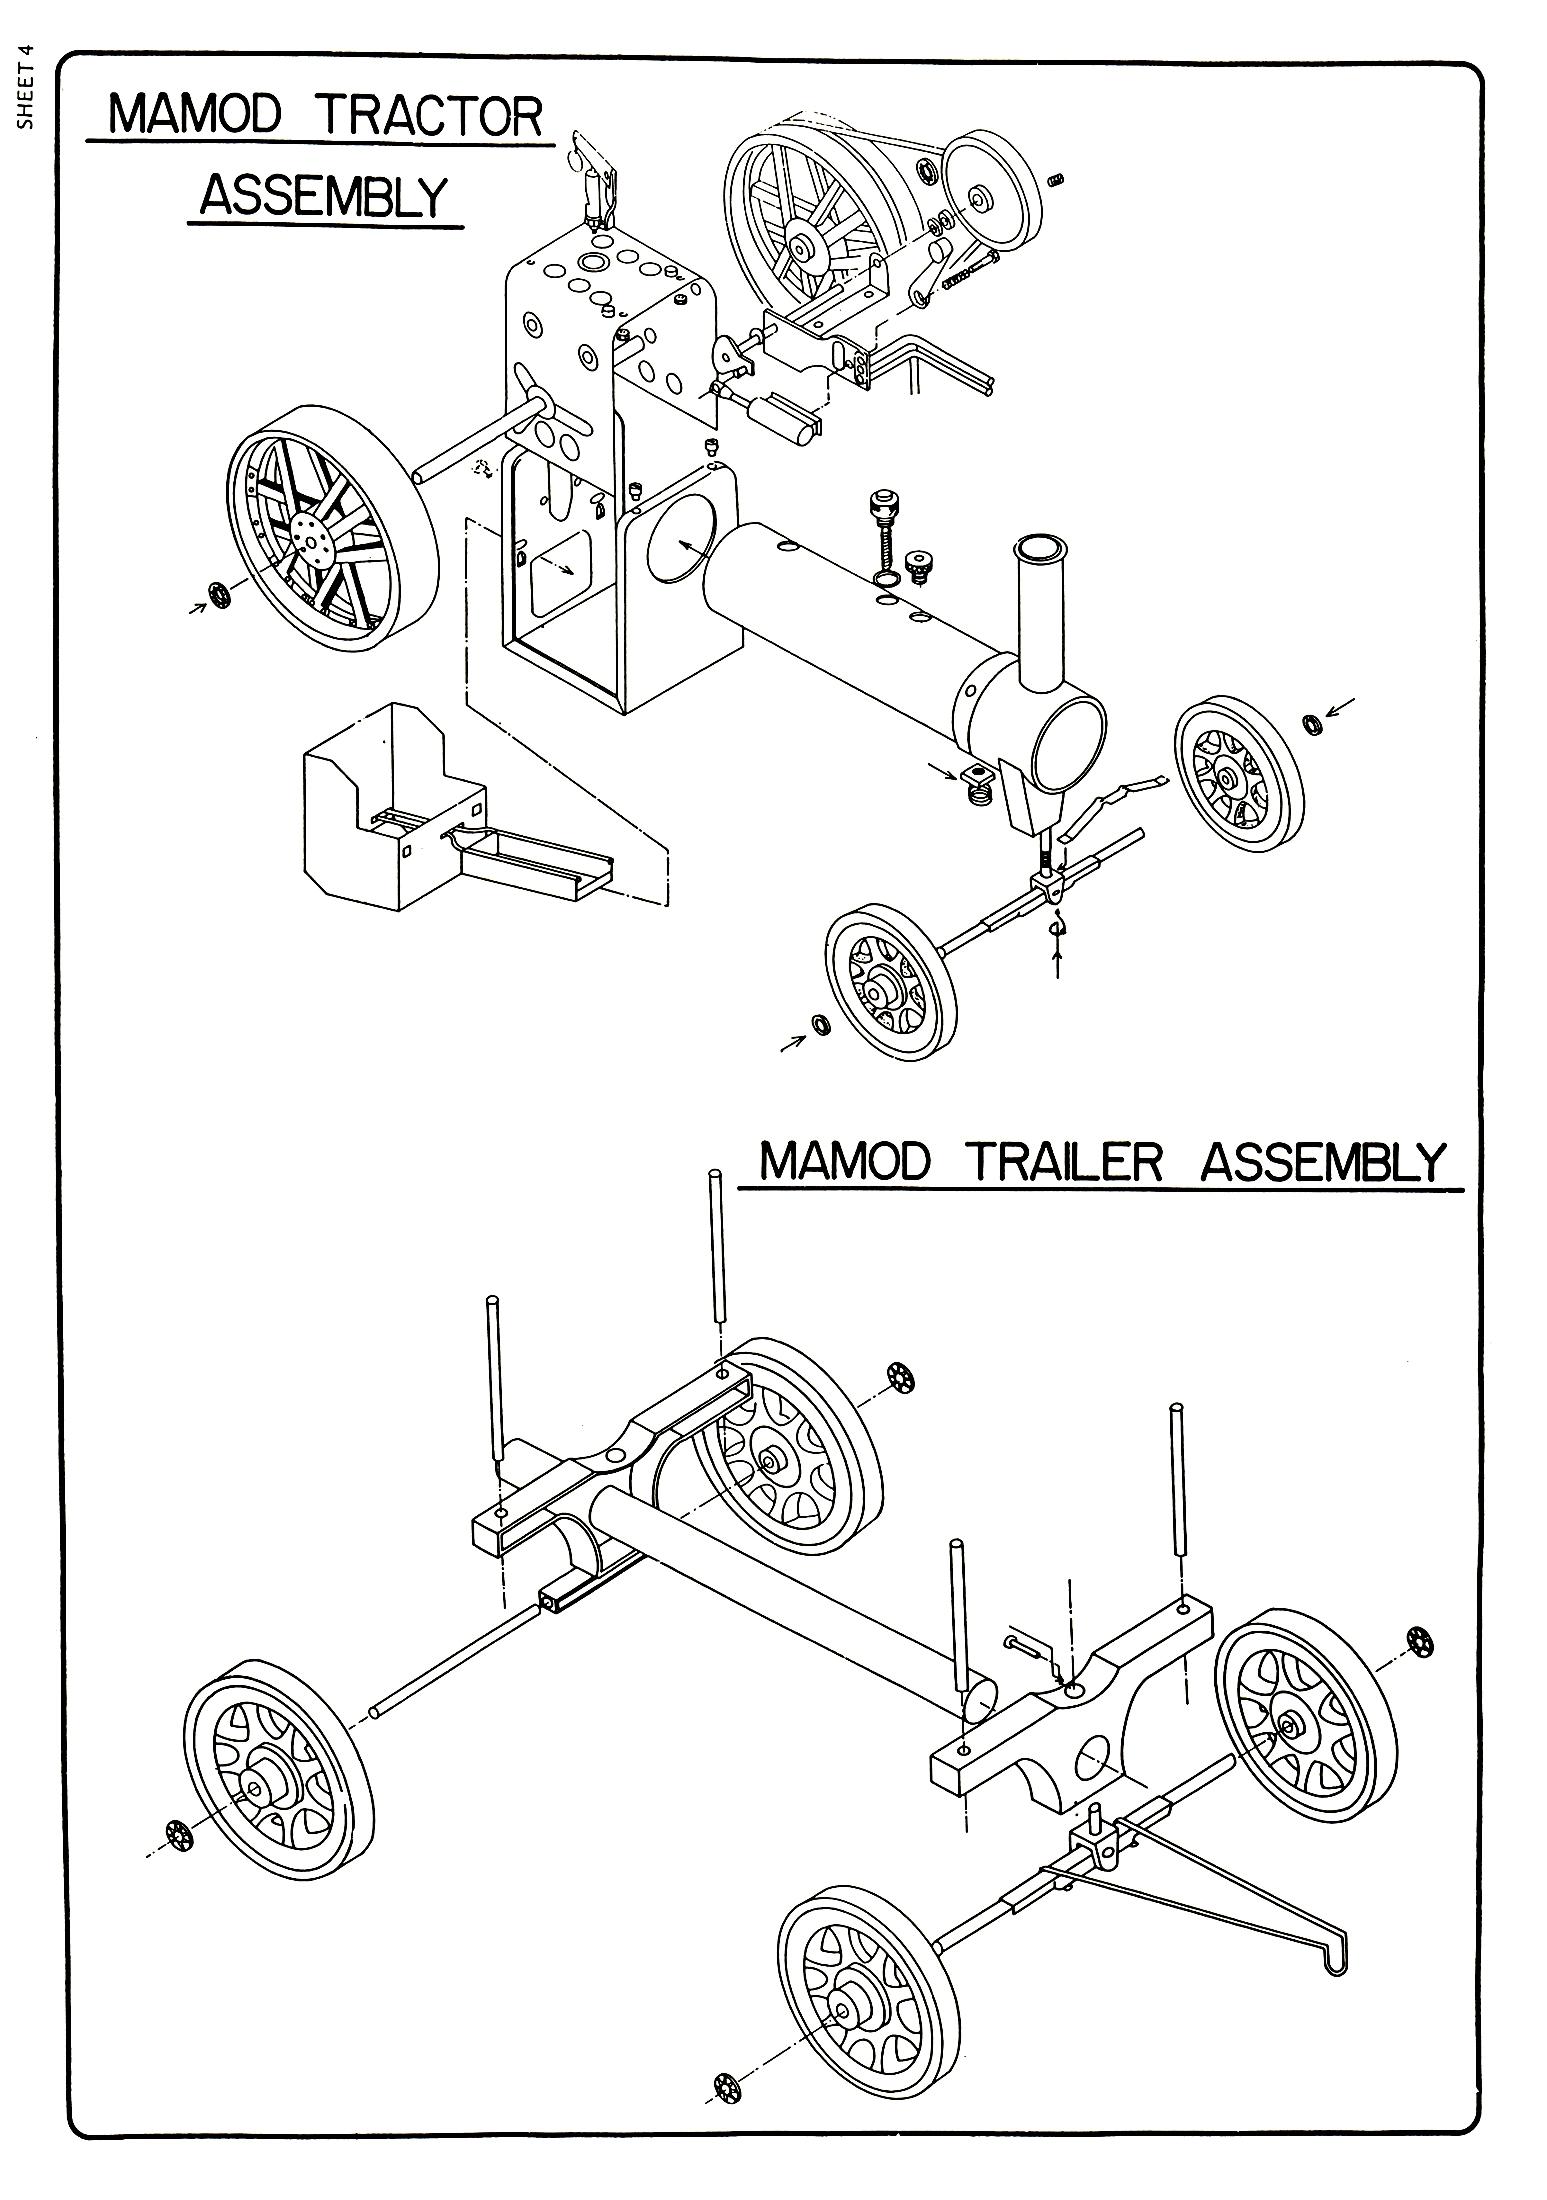 mamod   u0026quot malins models u0026quot    live steam models and stationary